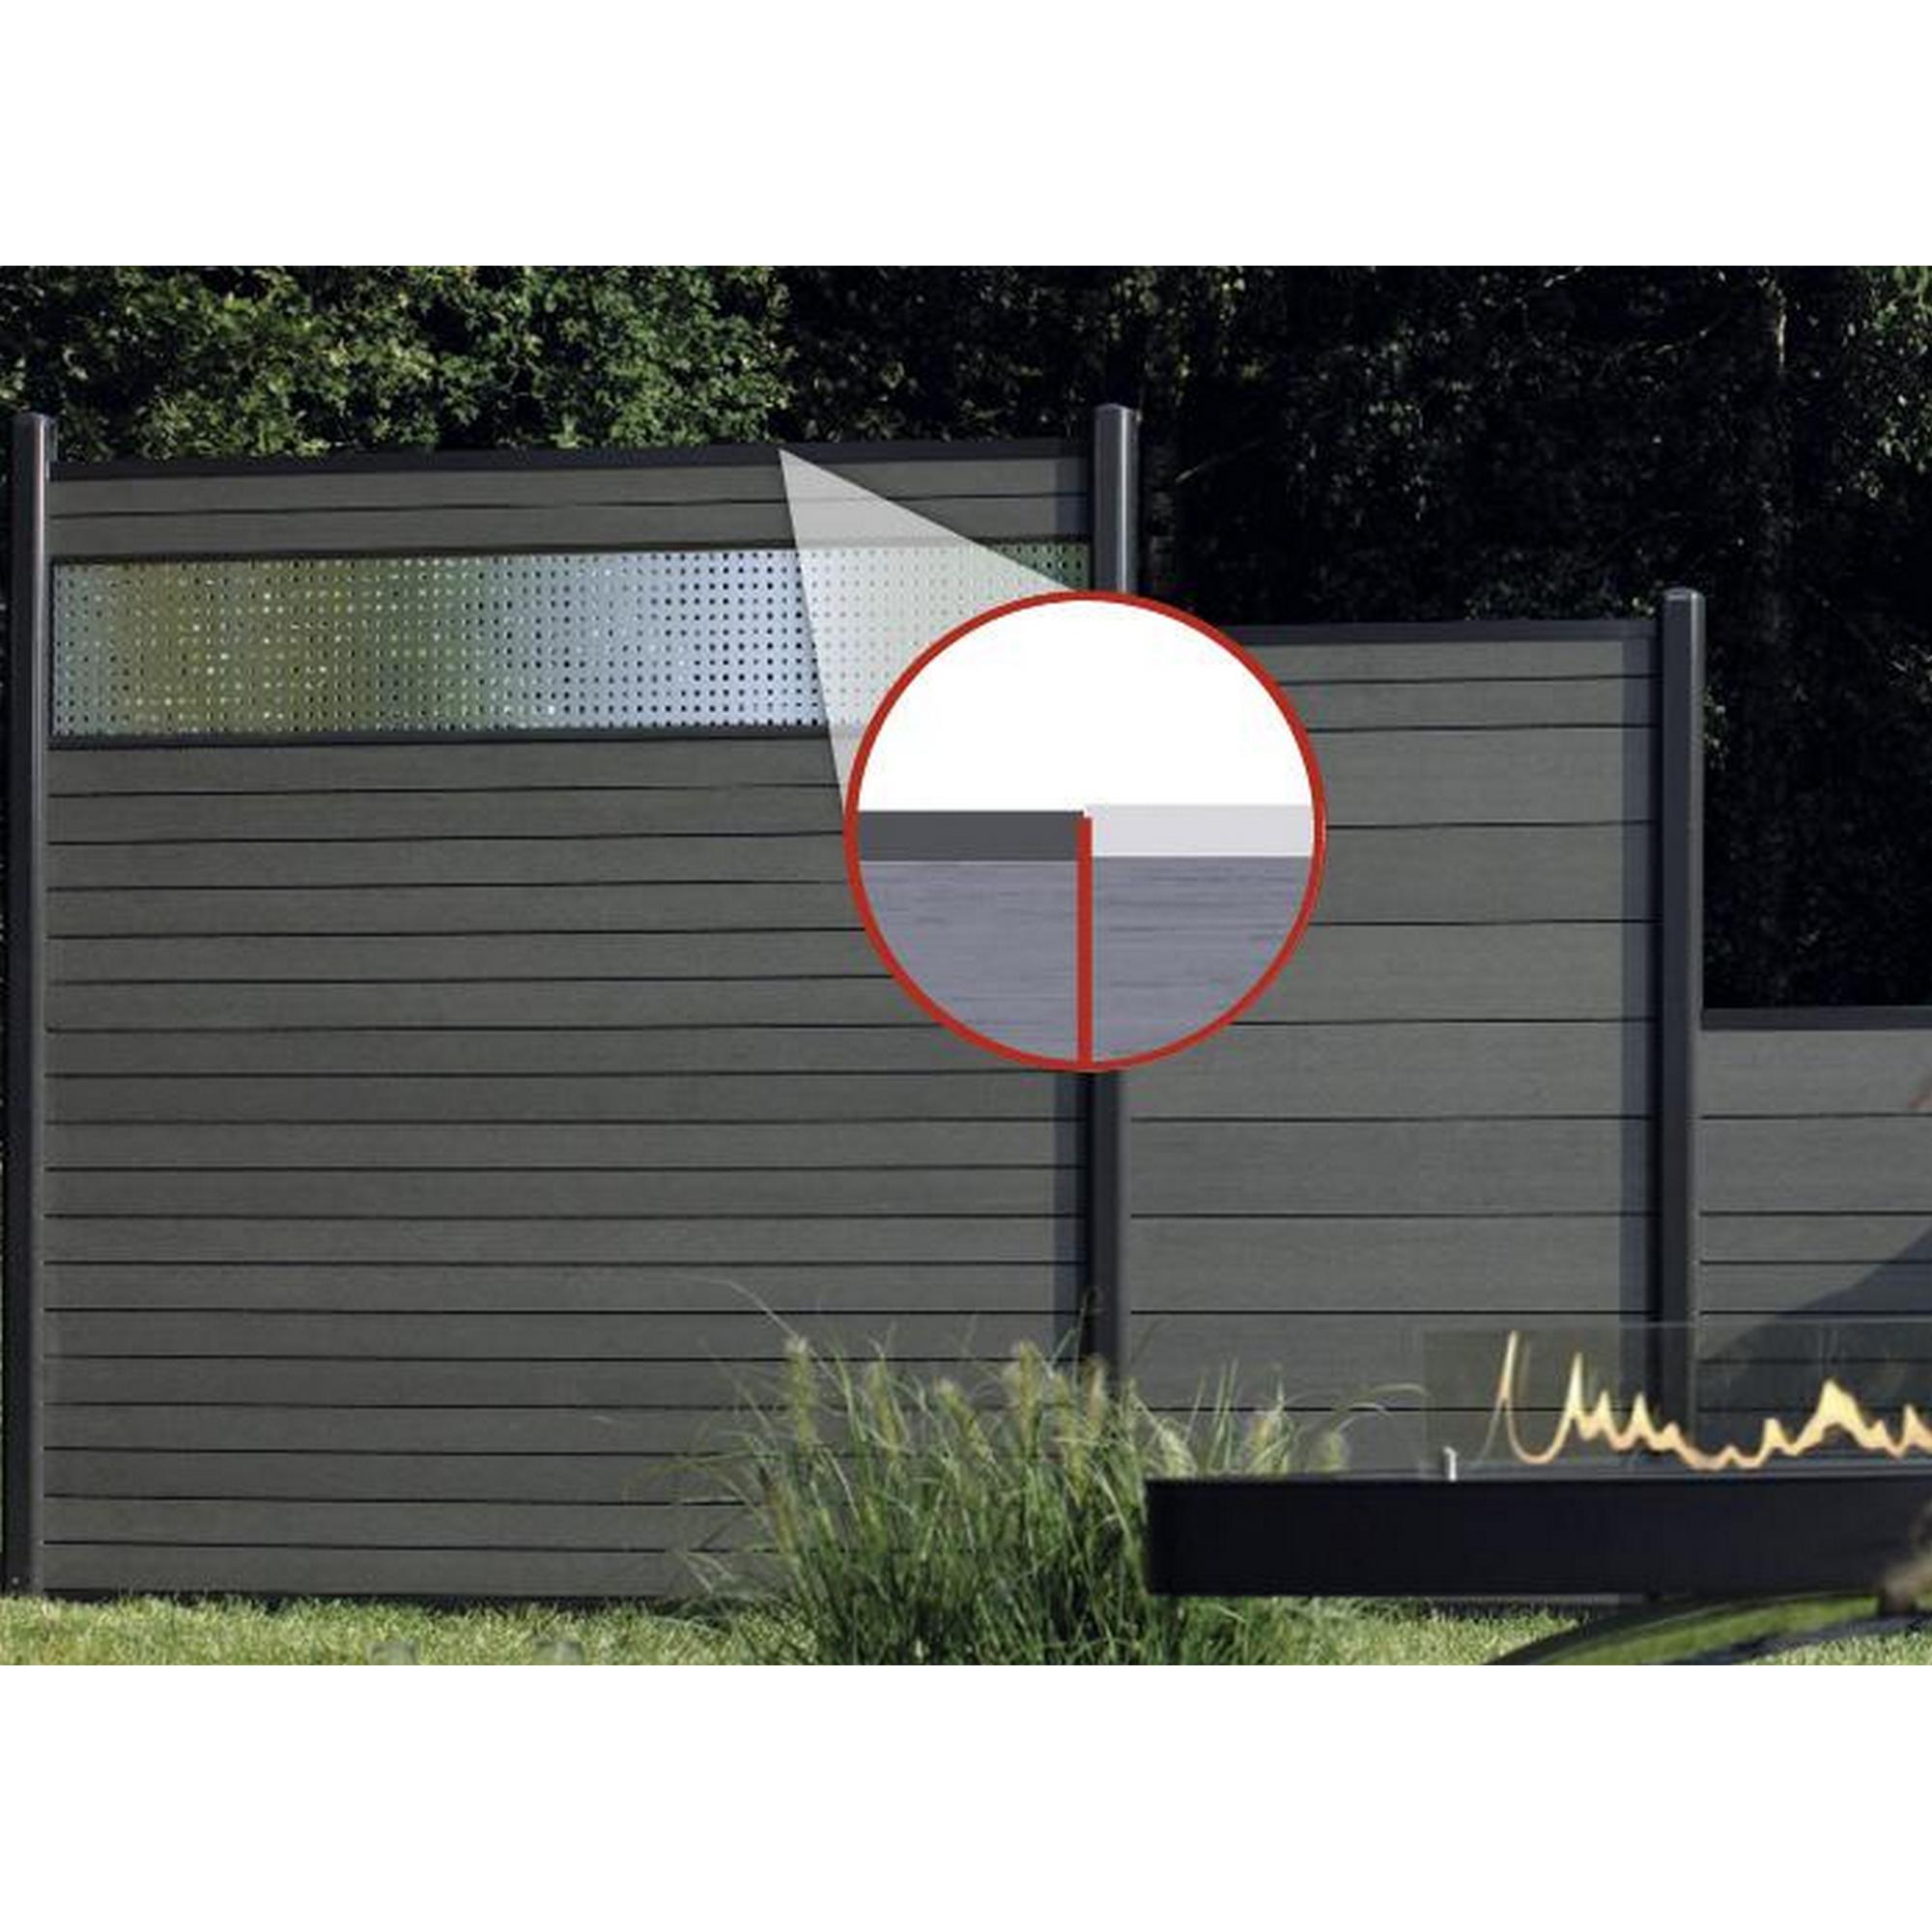 Zaunserie System Wpc Zaunpfosten ǀ Toom Baumarkt